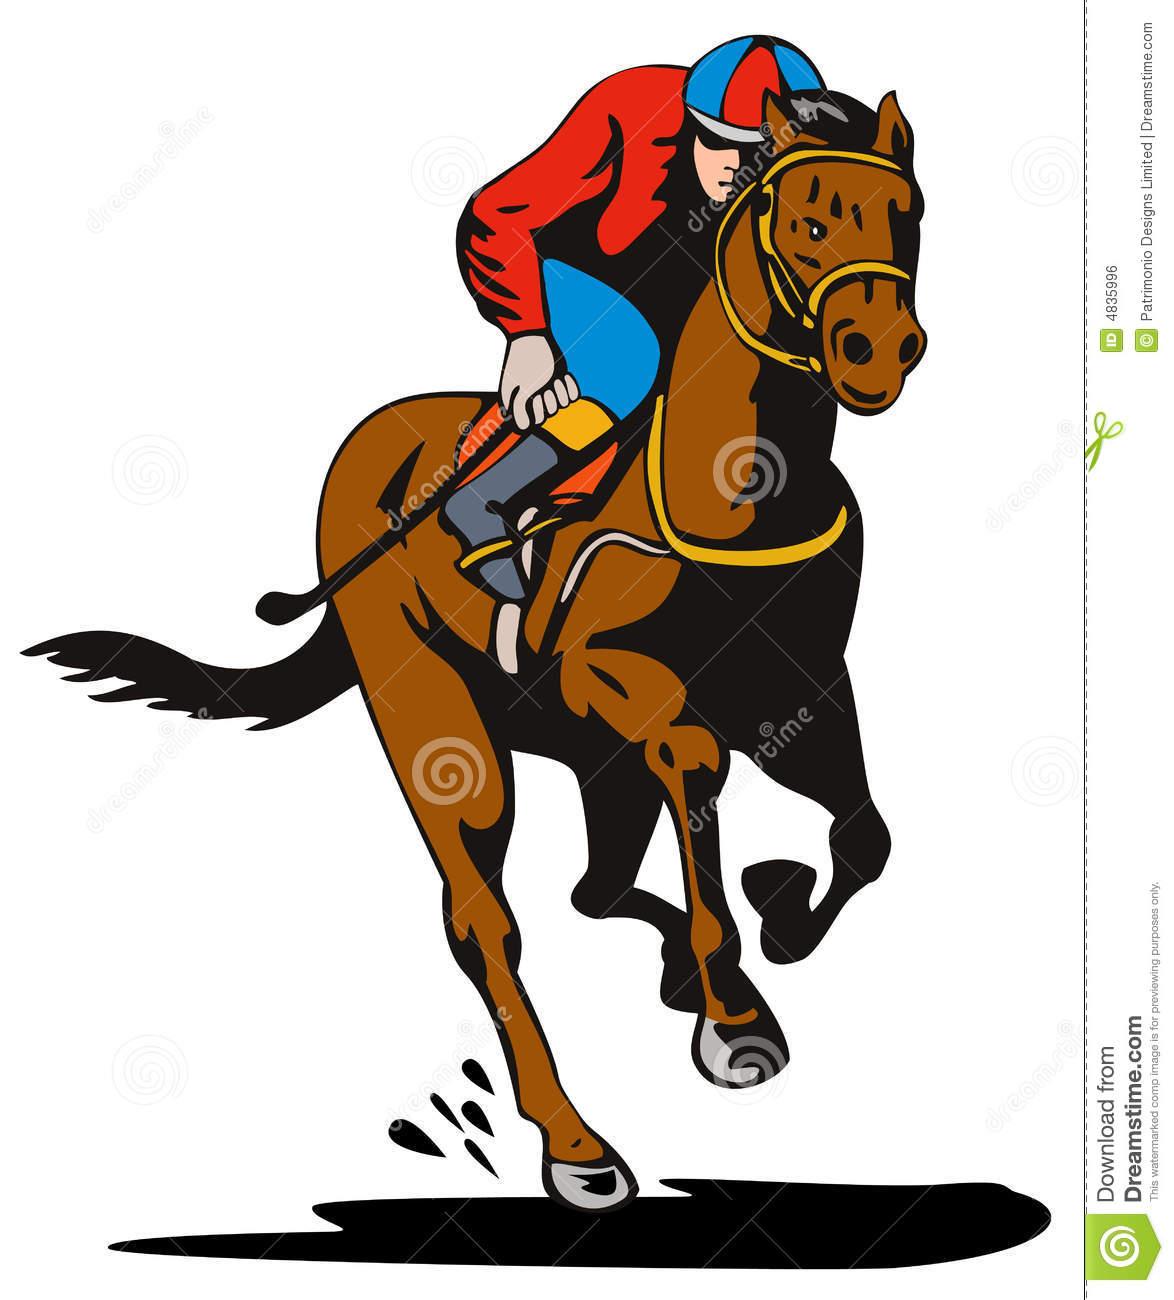 Clip Art Horse Racing Jockey-Clip art horse racing jockey-0